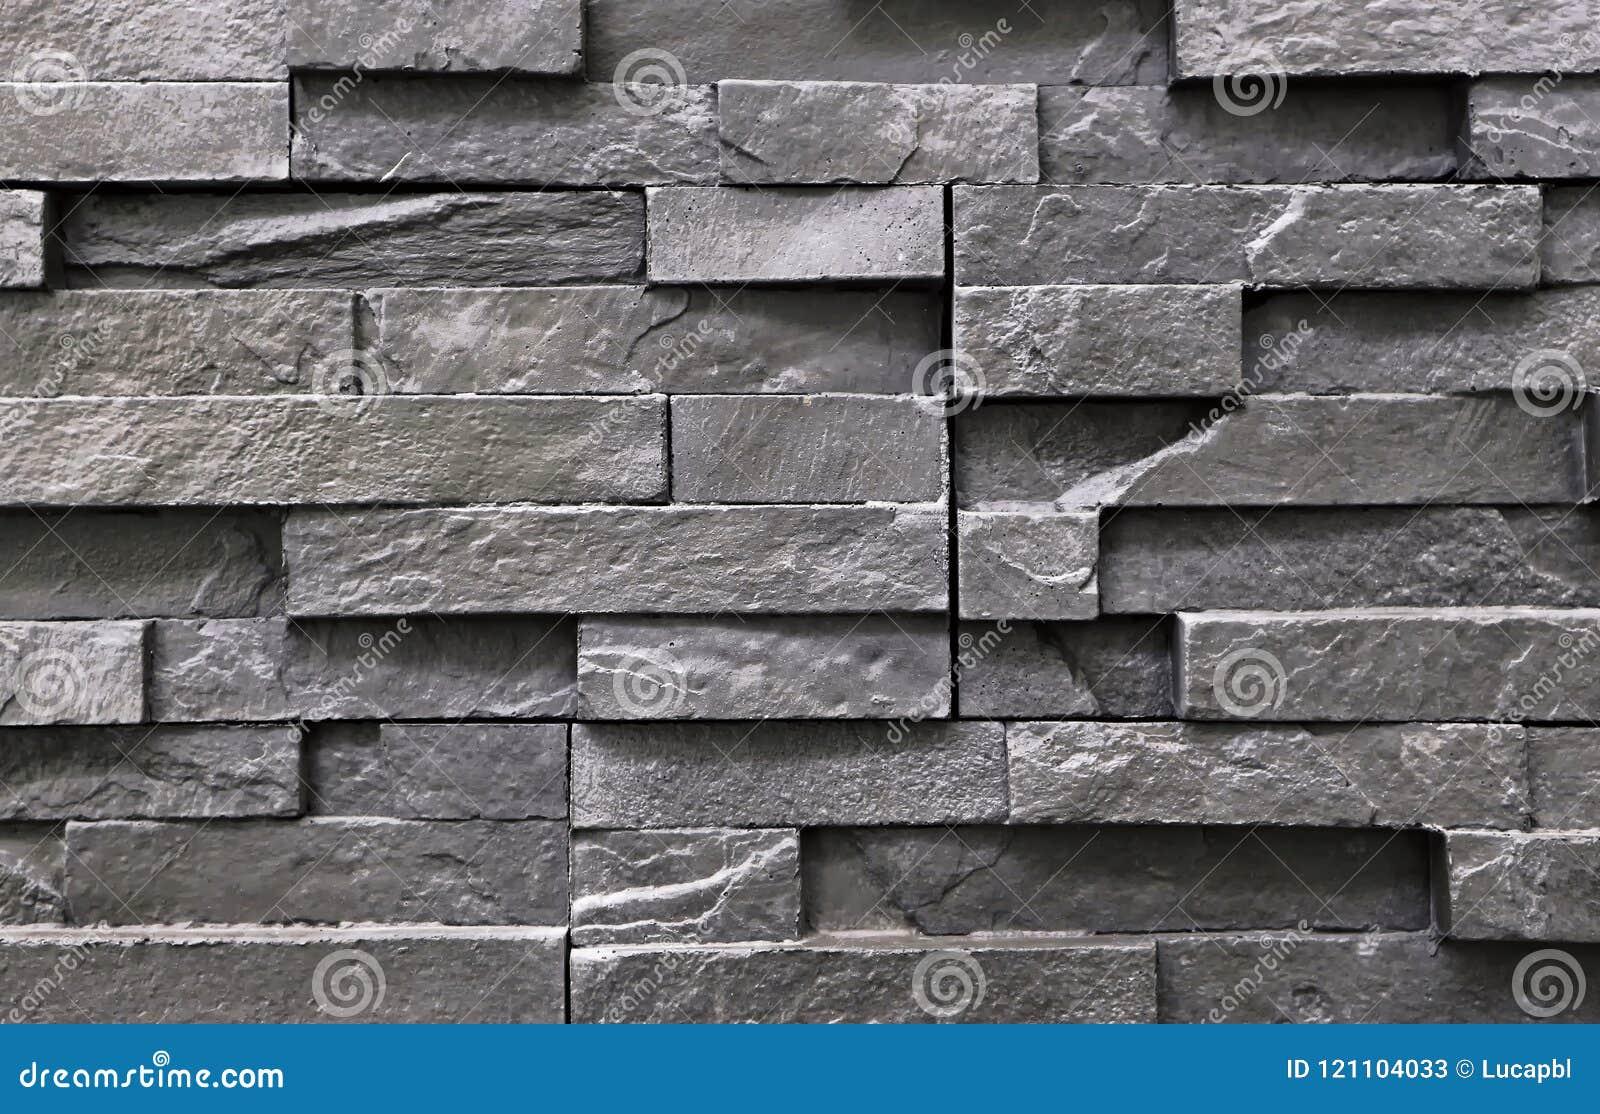 Pietra Da Interni Grigia : Rivestimento grigio scuro della parete per gli interni o i cortili